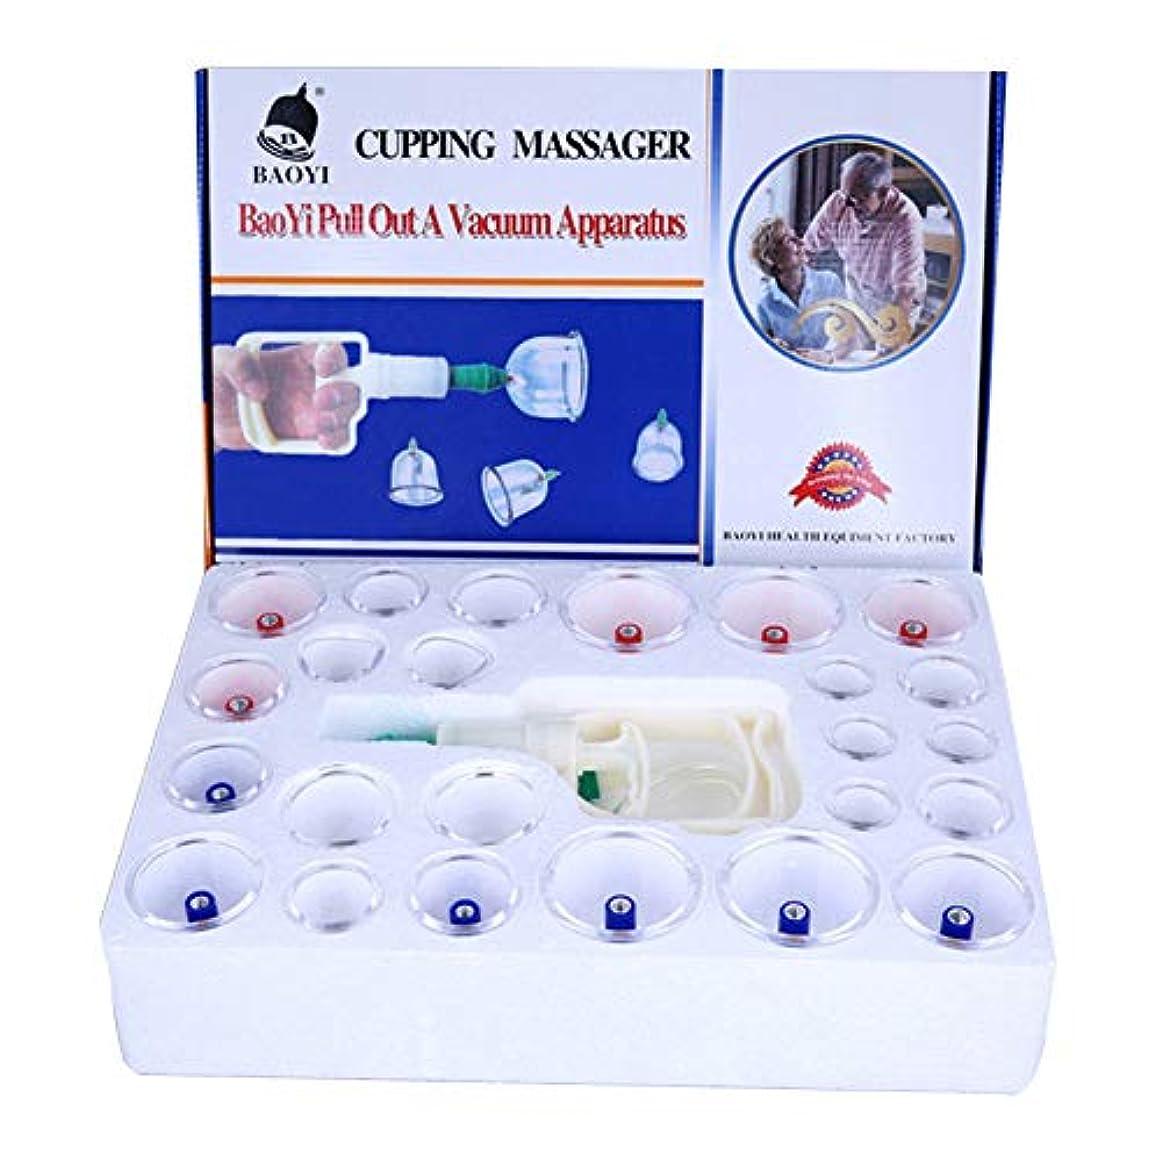 華氏年ジョージハンブリー24カップマッサージカッピングセット、真空吸引中国のツボ療法、在宅医療、筋肉関節痛、肩背部膝痛の軽減に最適